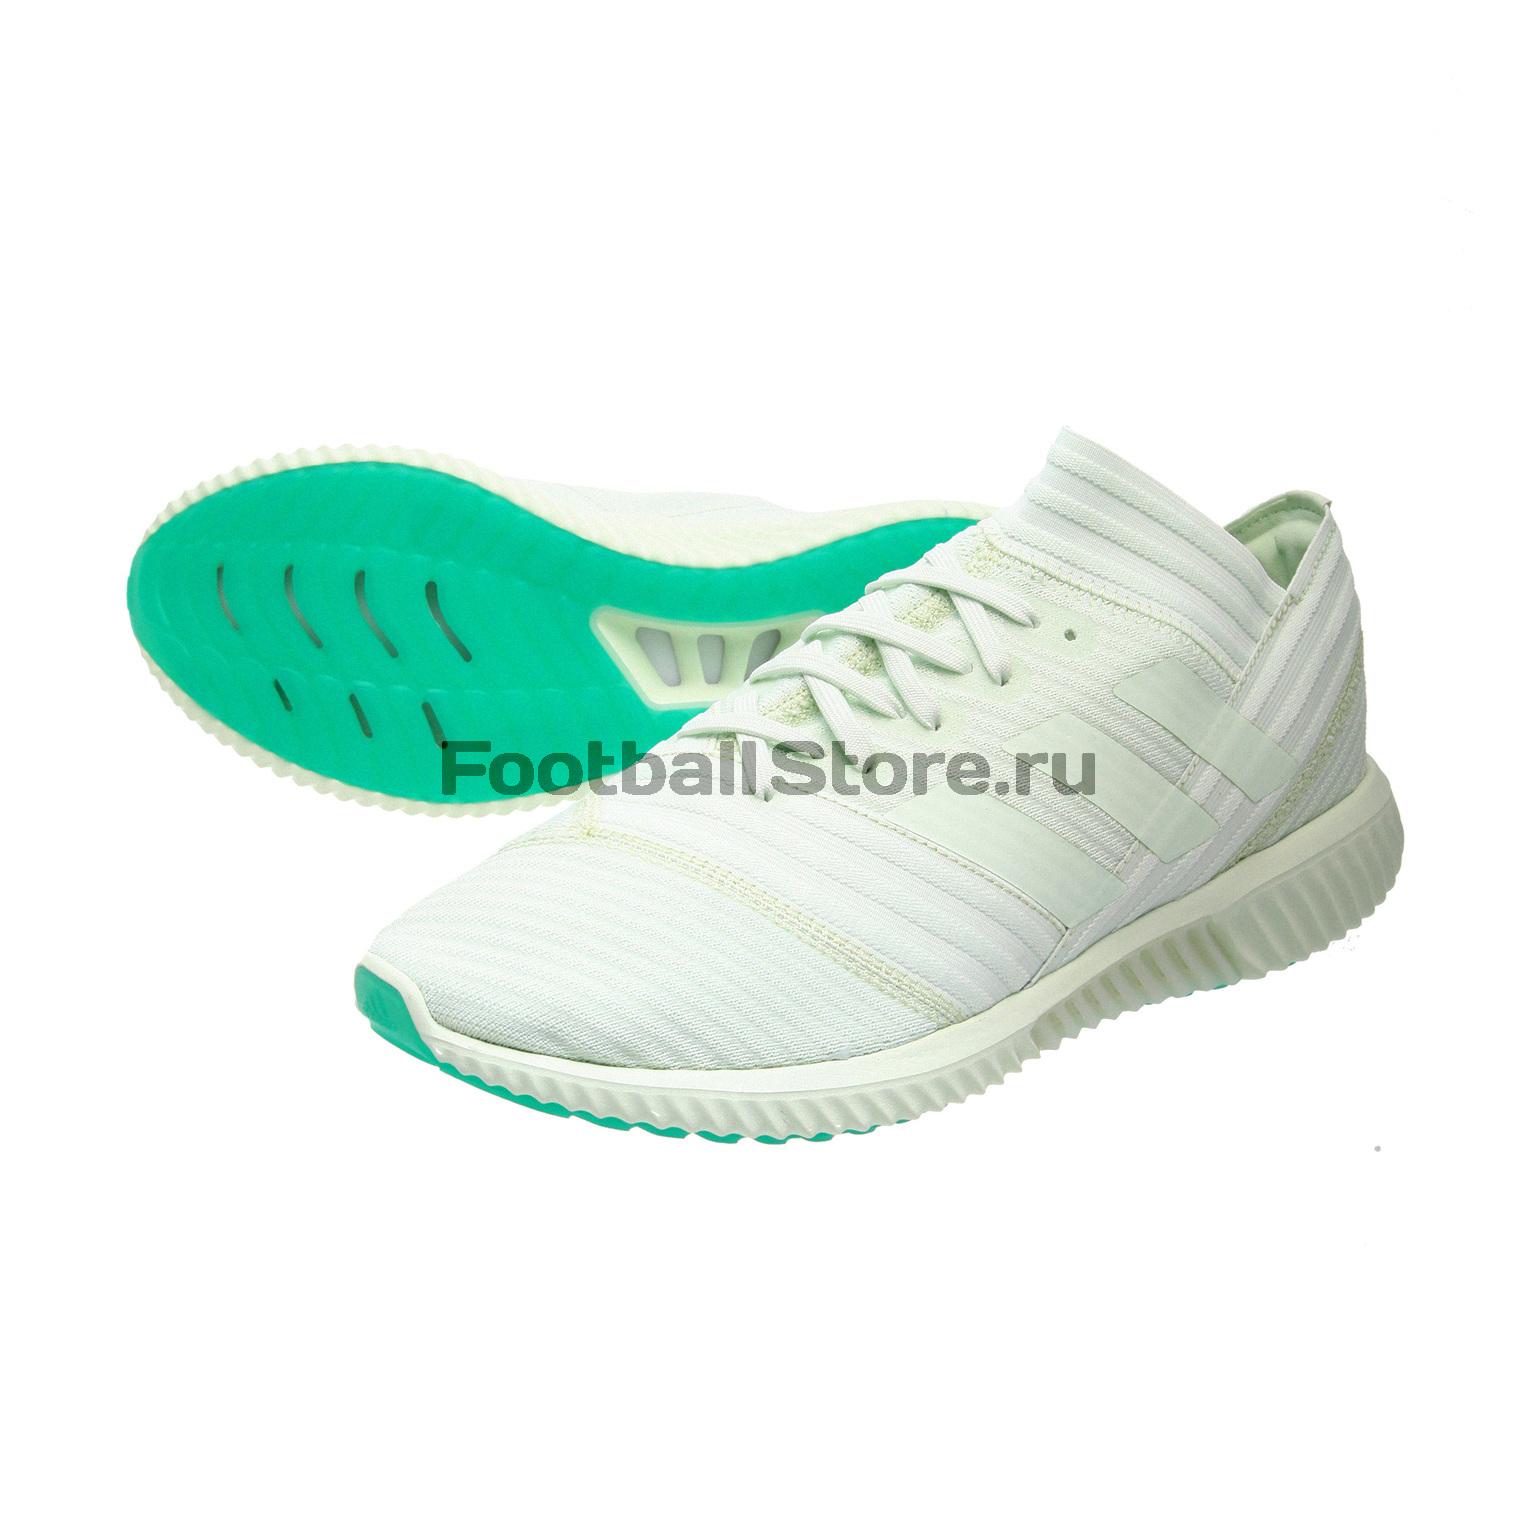 Футбольная обувь Adidas Nemeziz Tango 17.1 TR CP9117 обувь для туризма adidas